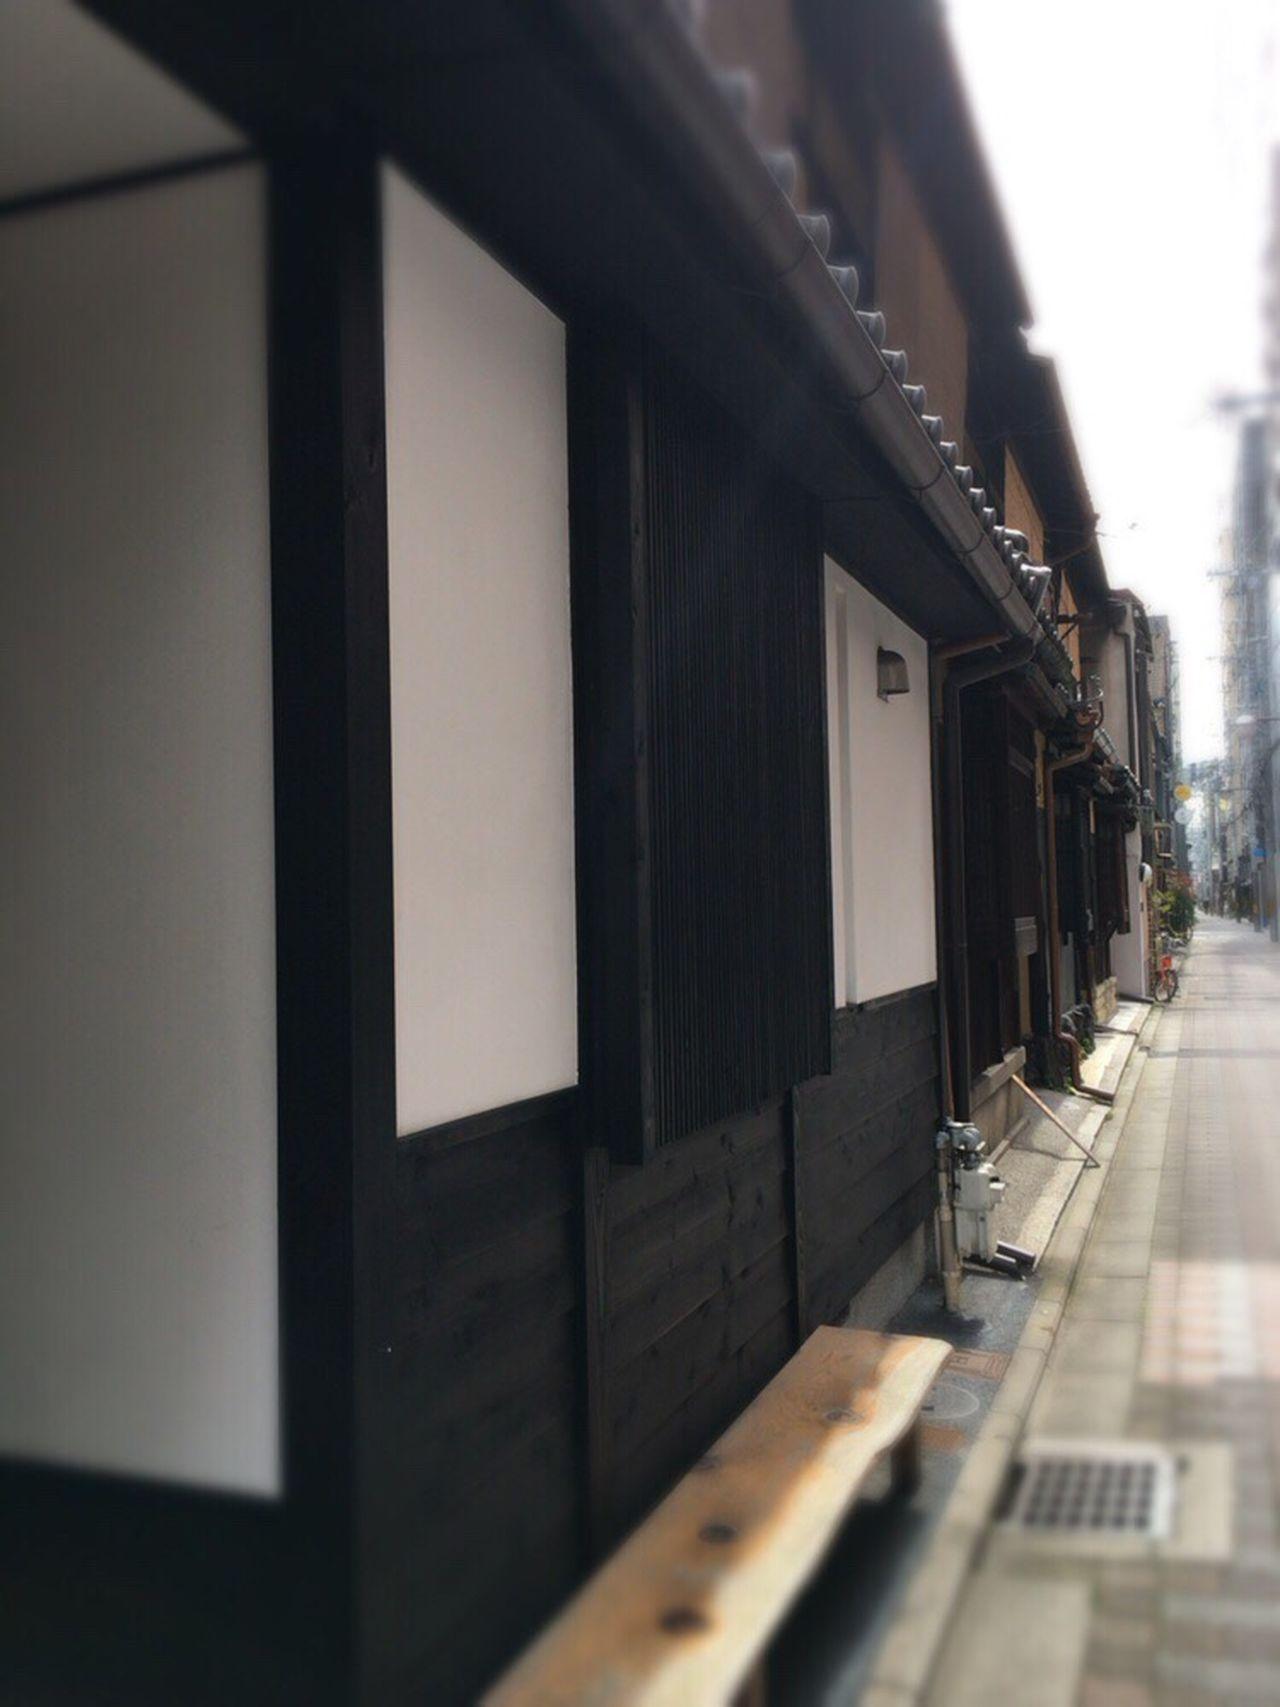 Kyoto Street Kyoto,japan Kyoto Matiya Kyoto Tradisional House Matiya Kyoto Street Wind Kyoto City